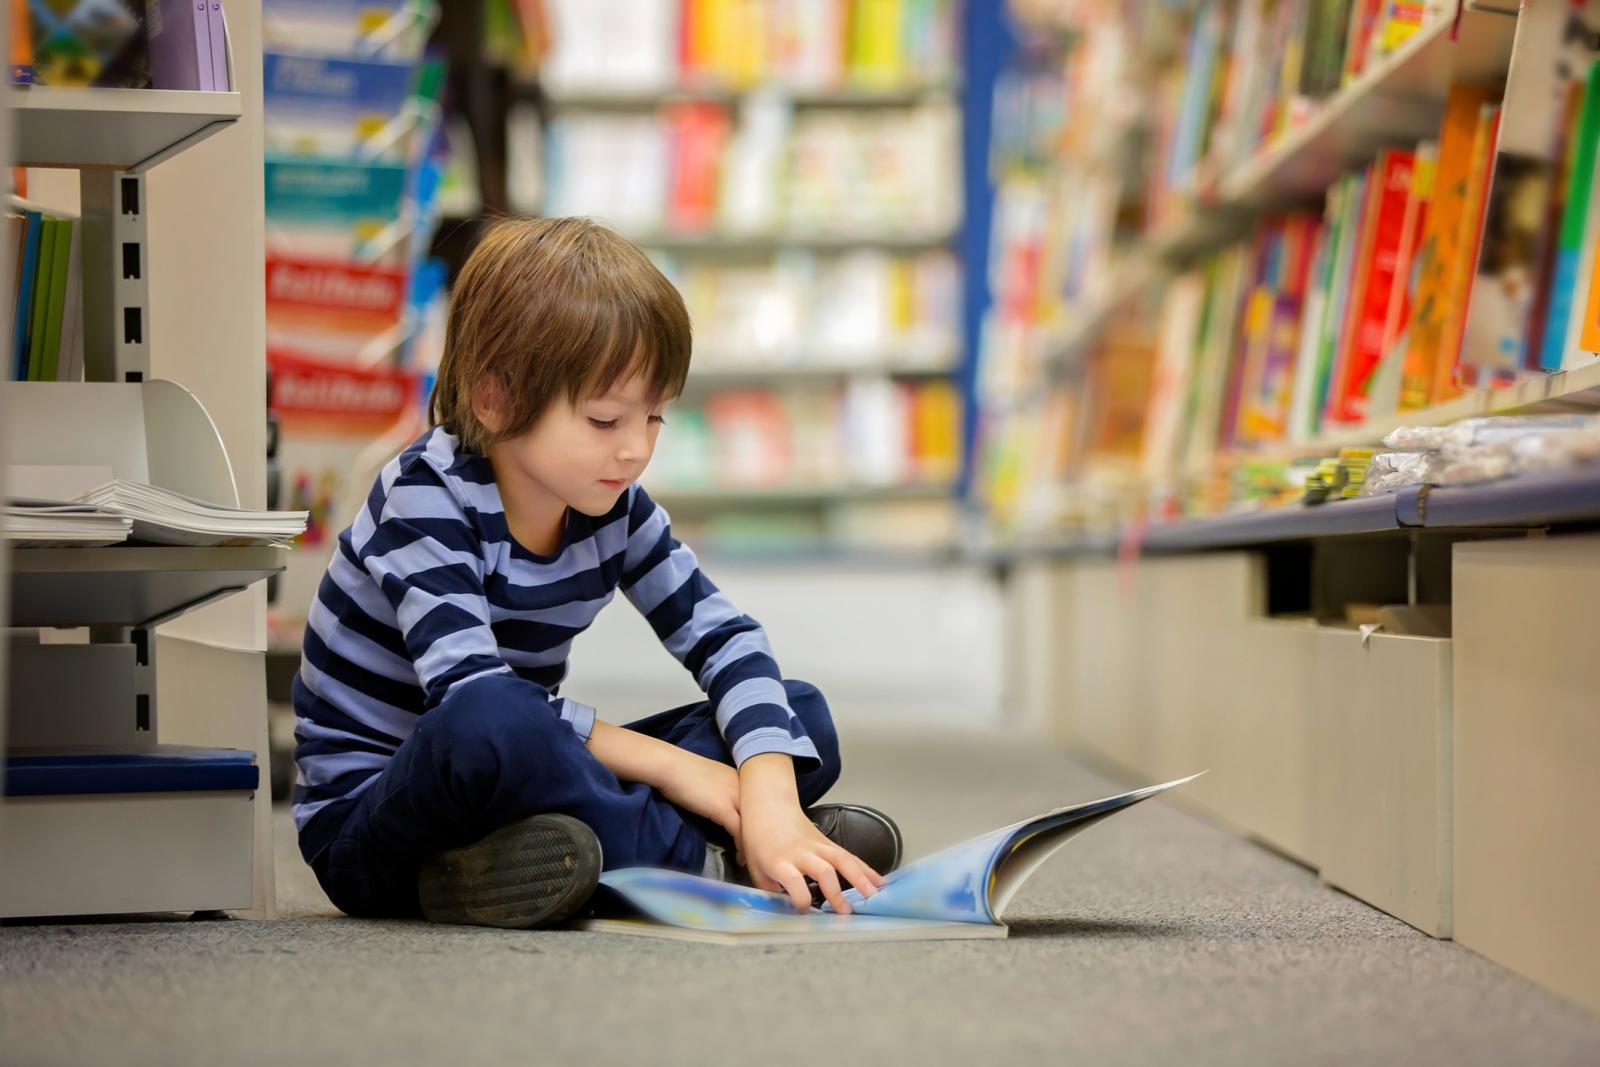 Pročitani tekst često potiče učenike na pisanje stvarnih ili slikovitih opisa, samostalnih pismenih sastavaka, izvješća...